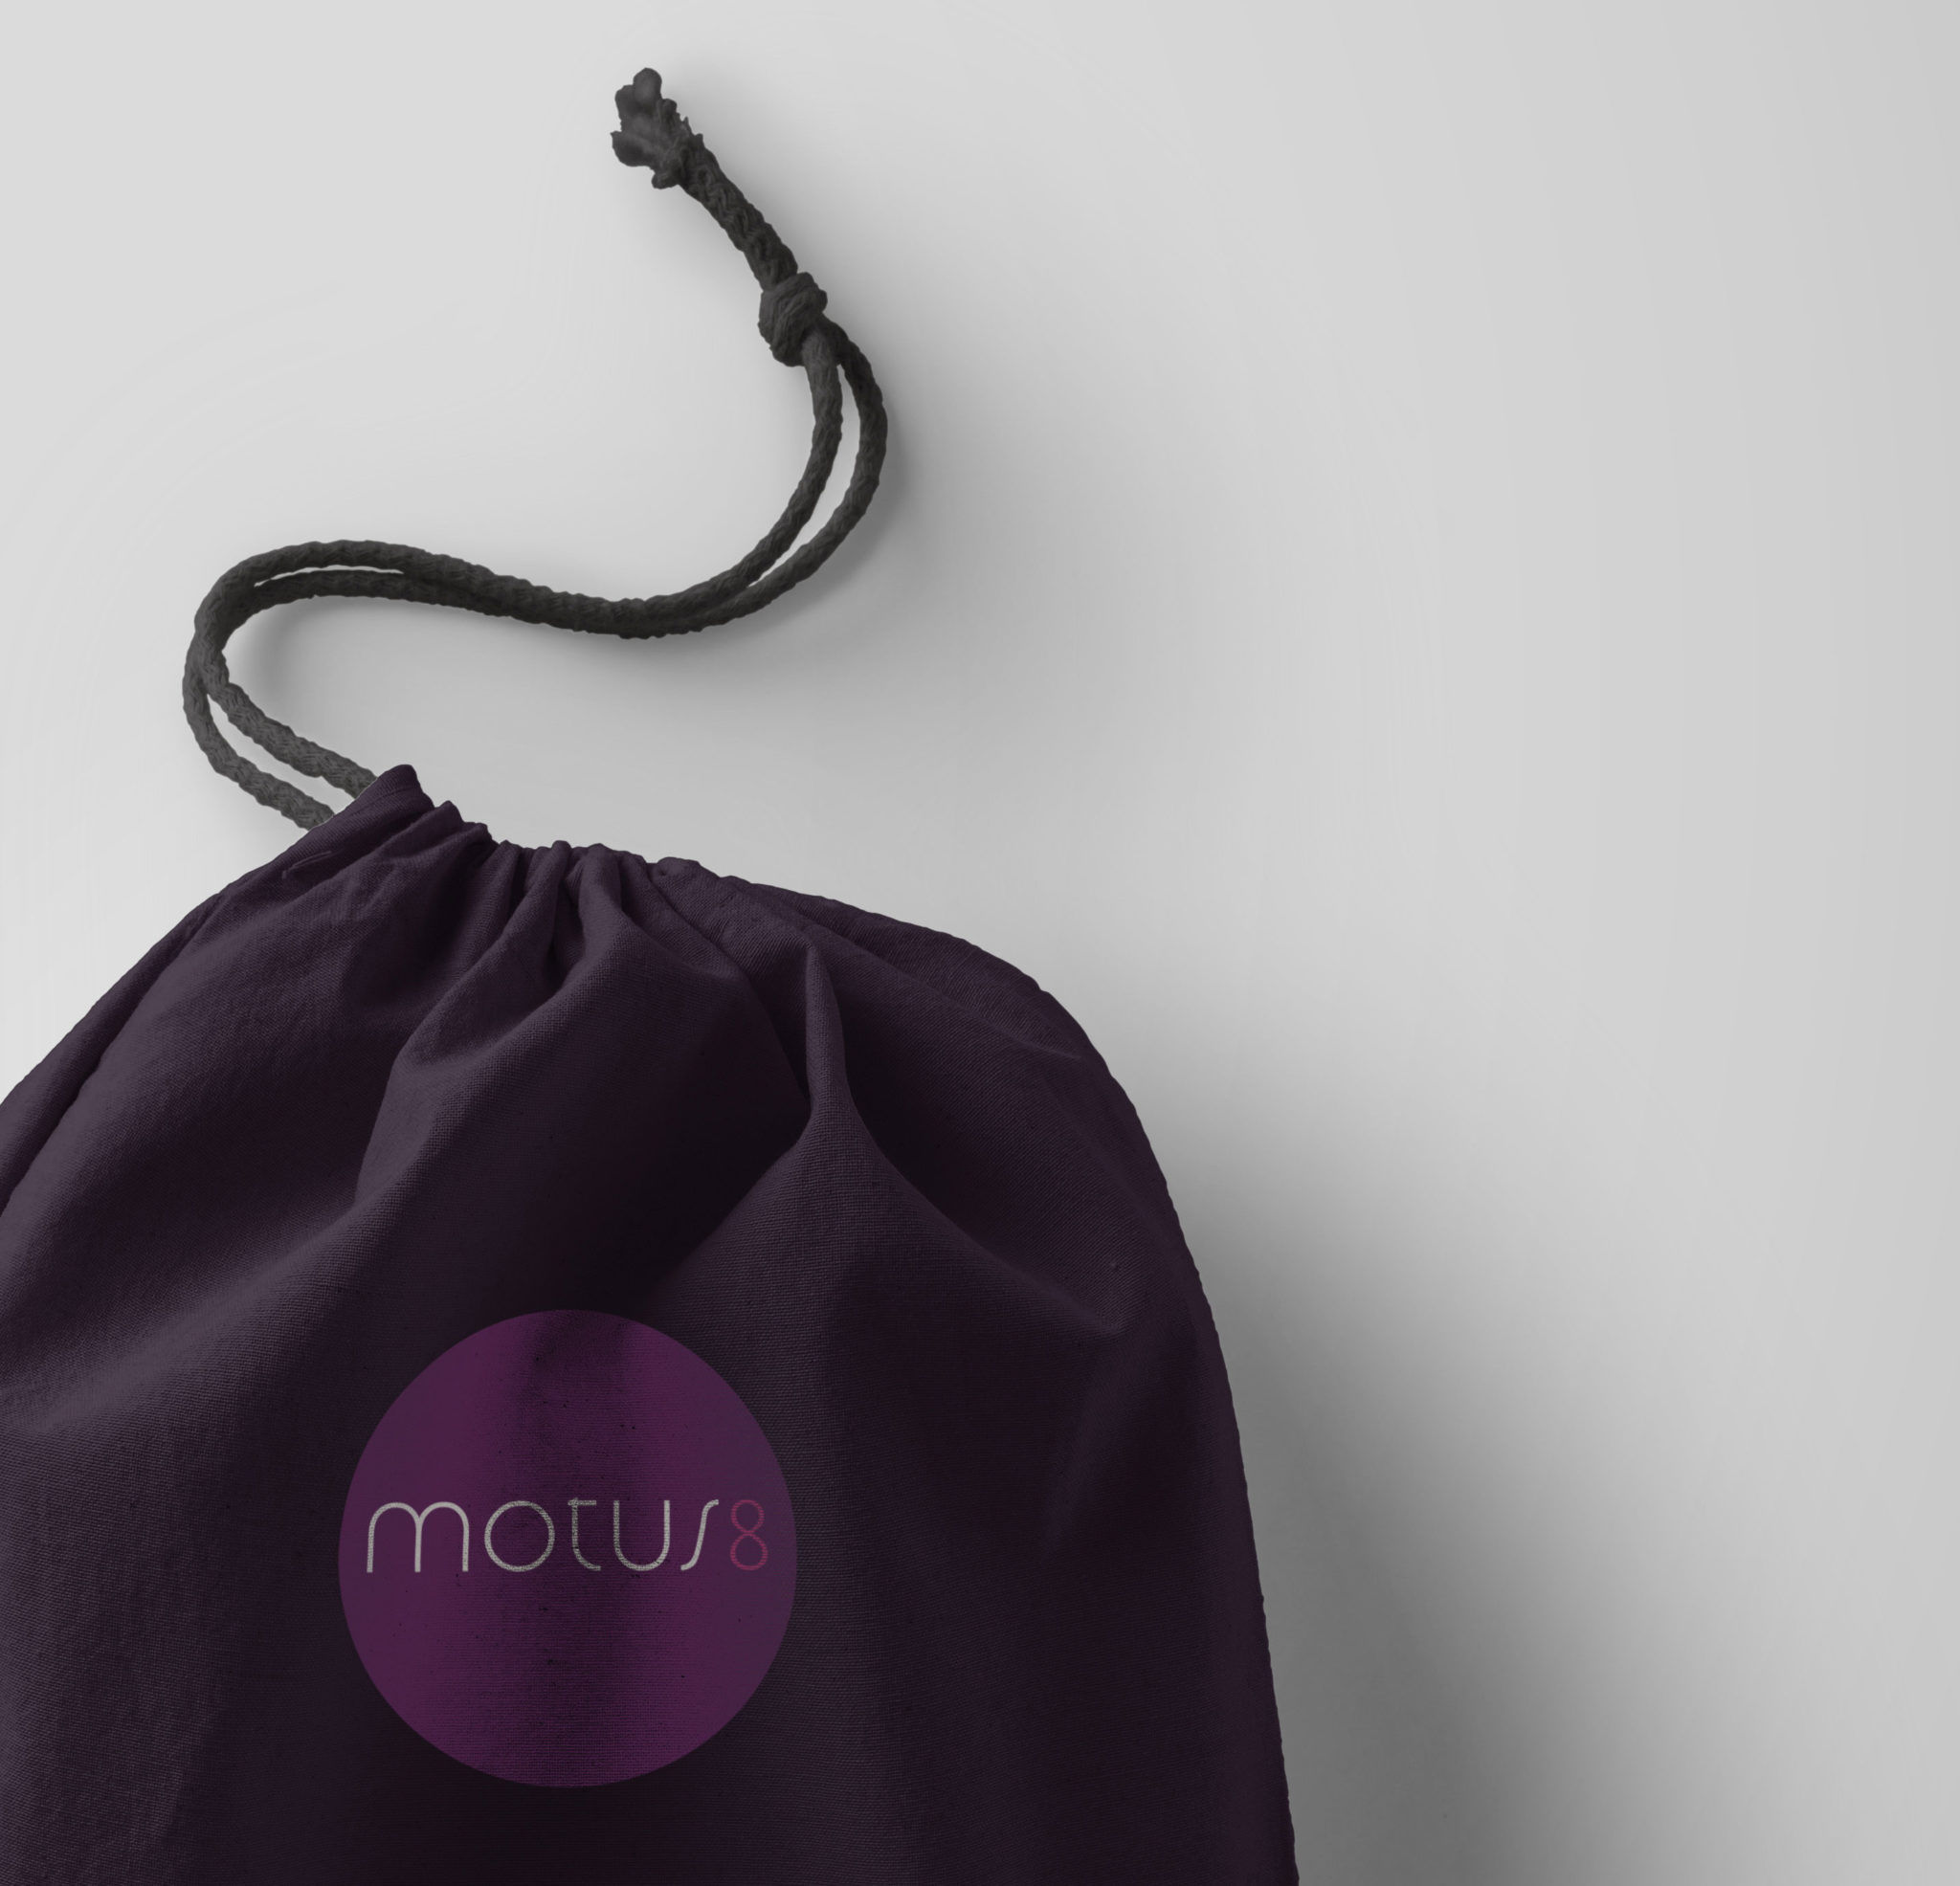 motus8_Beutel